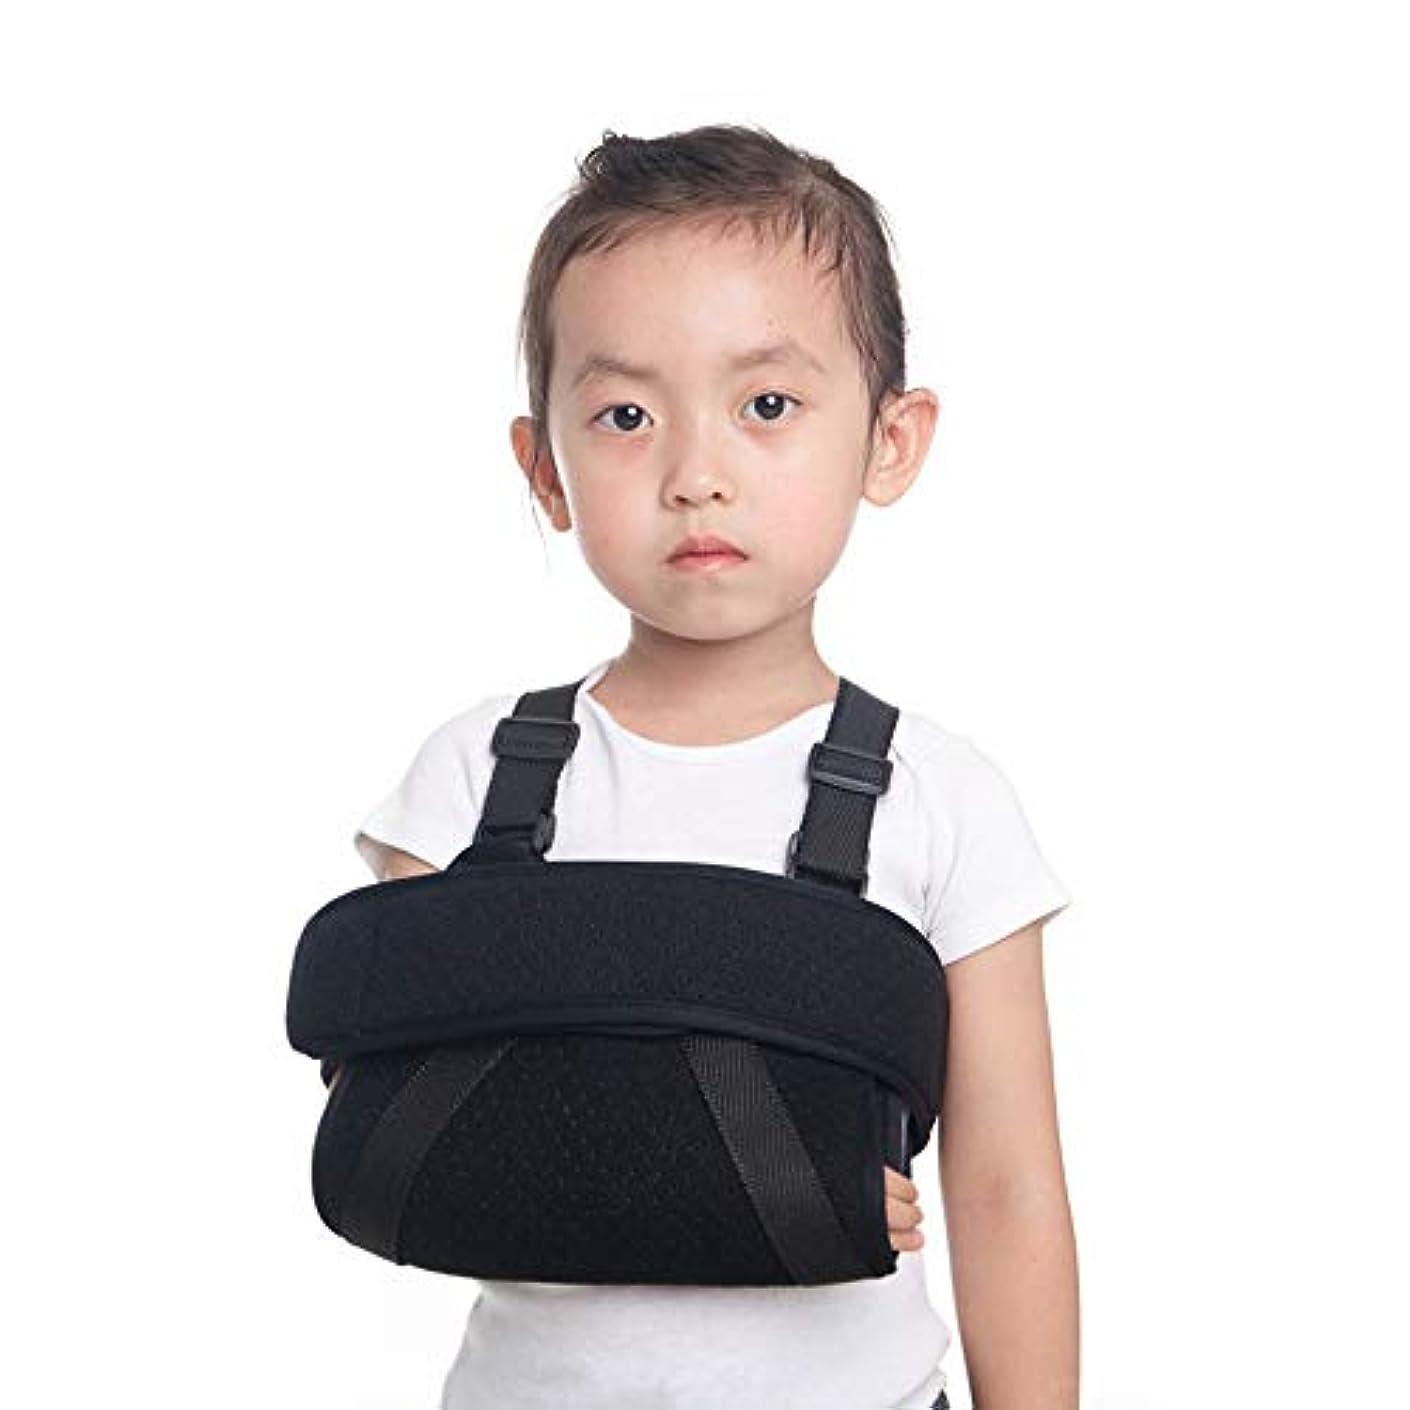 古くなった持っている昨日キッズフラクチャリングスリング、アームエルボーフラクチャ固定ブレース、6-10歳の子供の 手首脱臼保護サポート,S